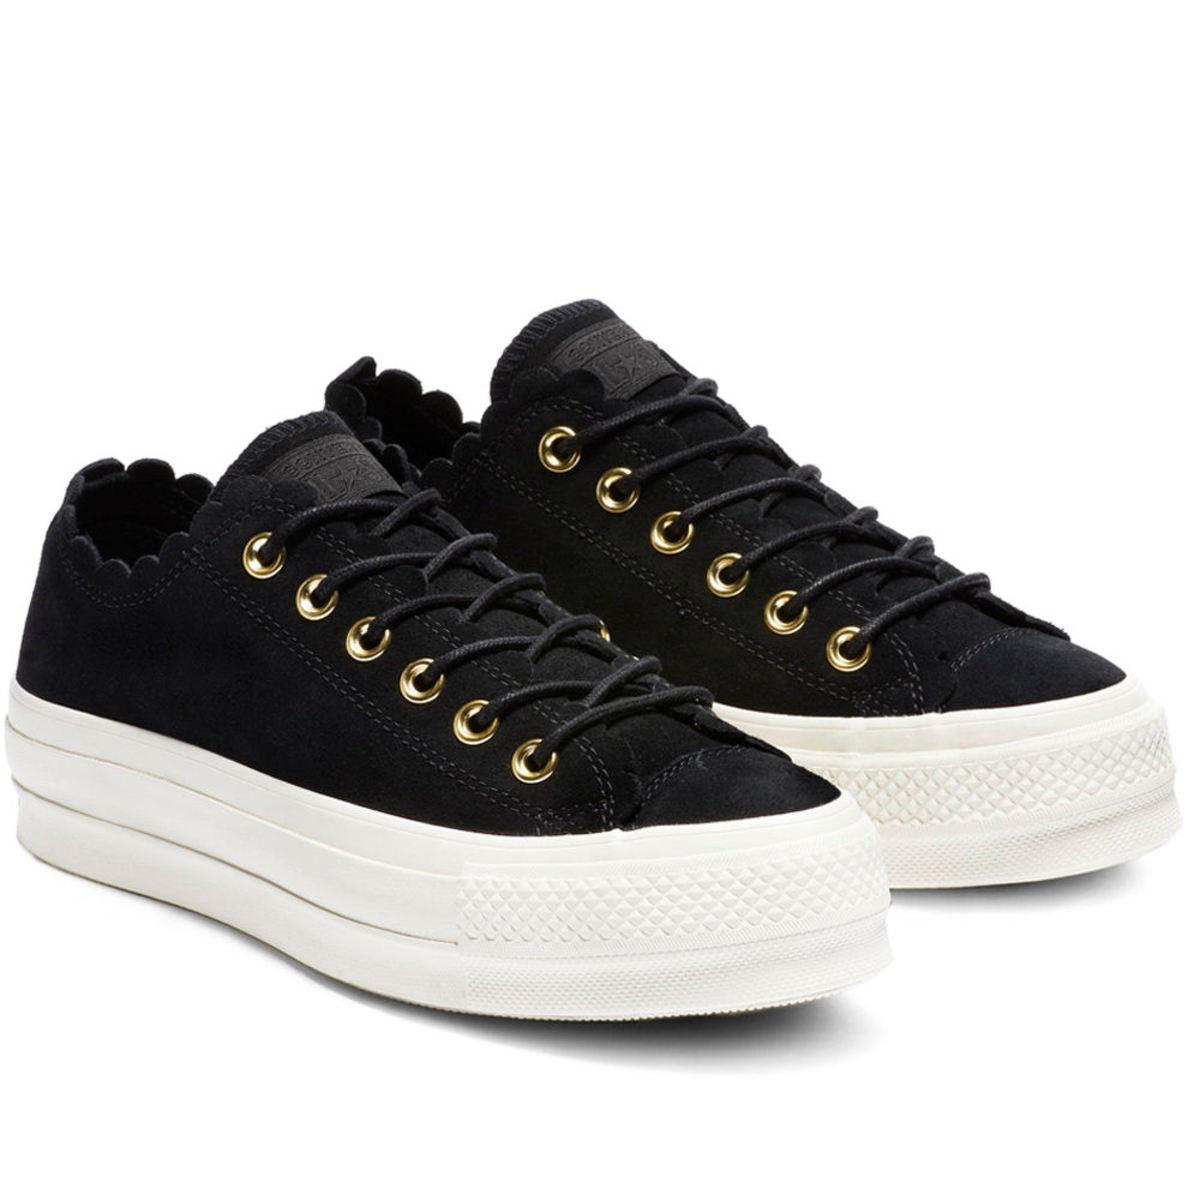 6c9fb74a60d46 topánky dámske CONVERSE - CTAS LIFT OX - BLACK / GOLD / Egret ...